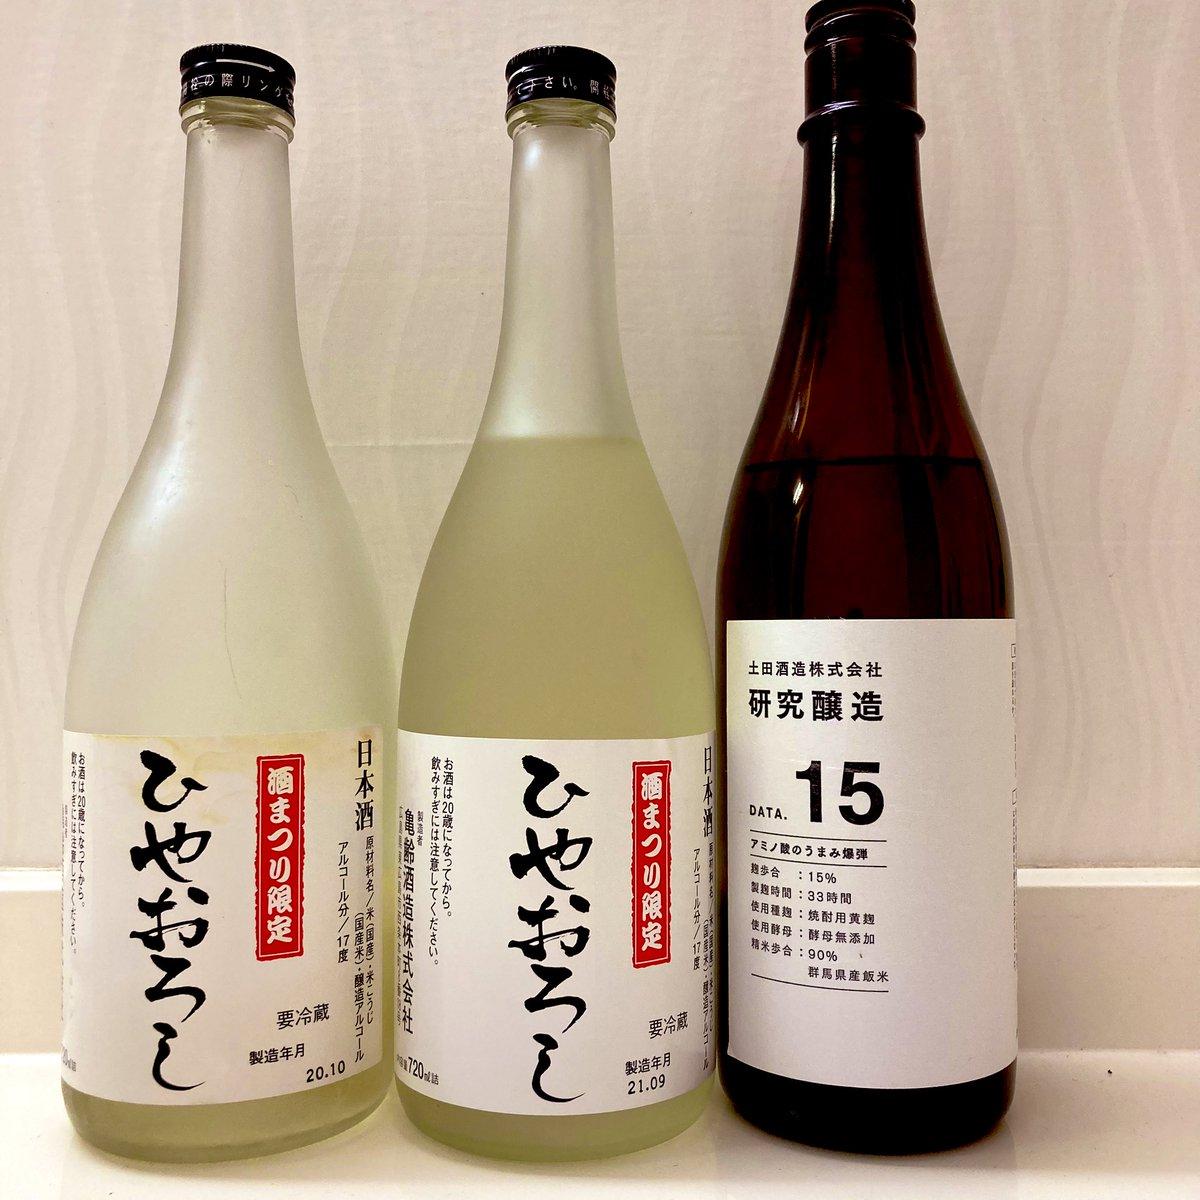 test ツイッターメディア - 亀齢は亀齢でも広島の方の亀齢ひやおろしを  去年のも残ってたので飲み比べ  うーんやはり一年残ってただけある  昔ながらの日本酒って感じ  でも大丈夫  わたしには旨味調味液こと研究醸造15があるから  うーん旨い  本当に凄い液体を開発してくれたもんだ https://t.co/EXVdETTwOR